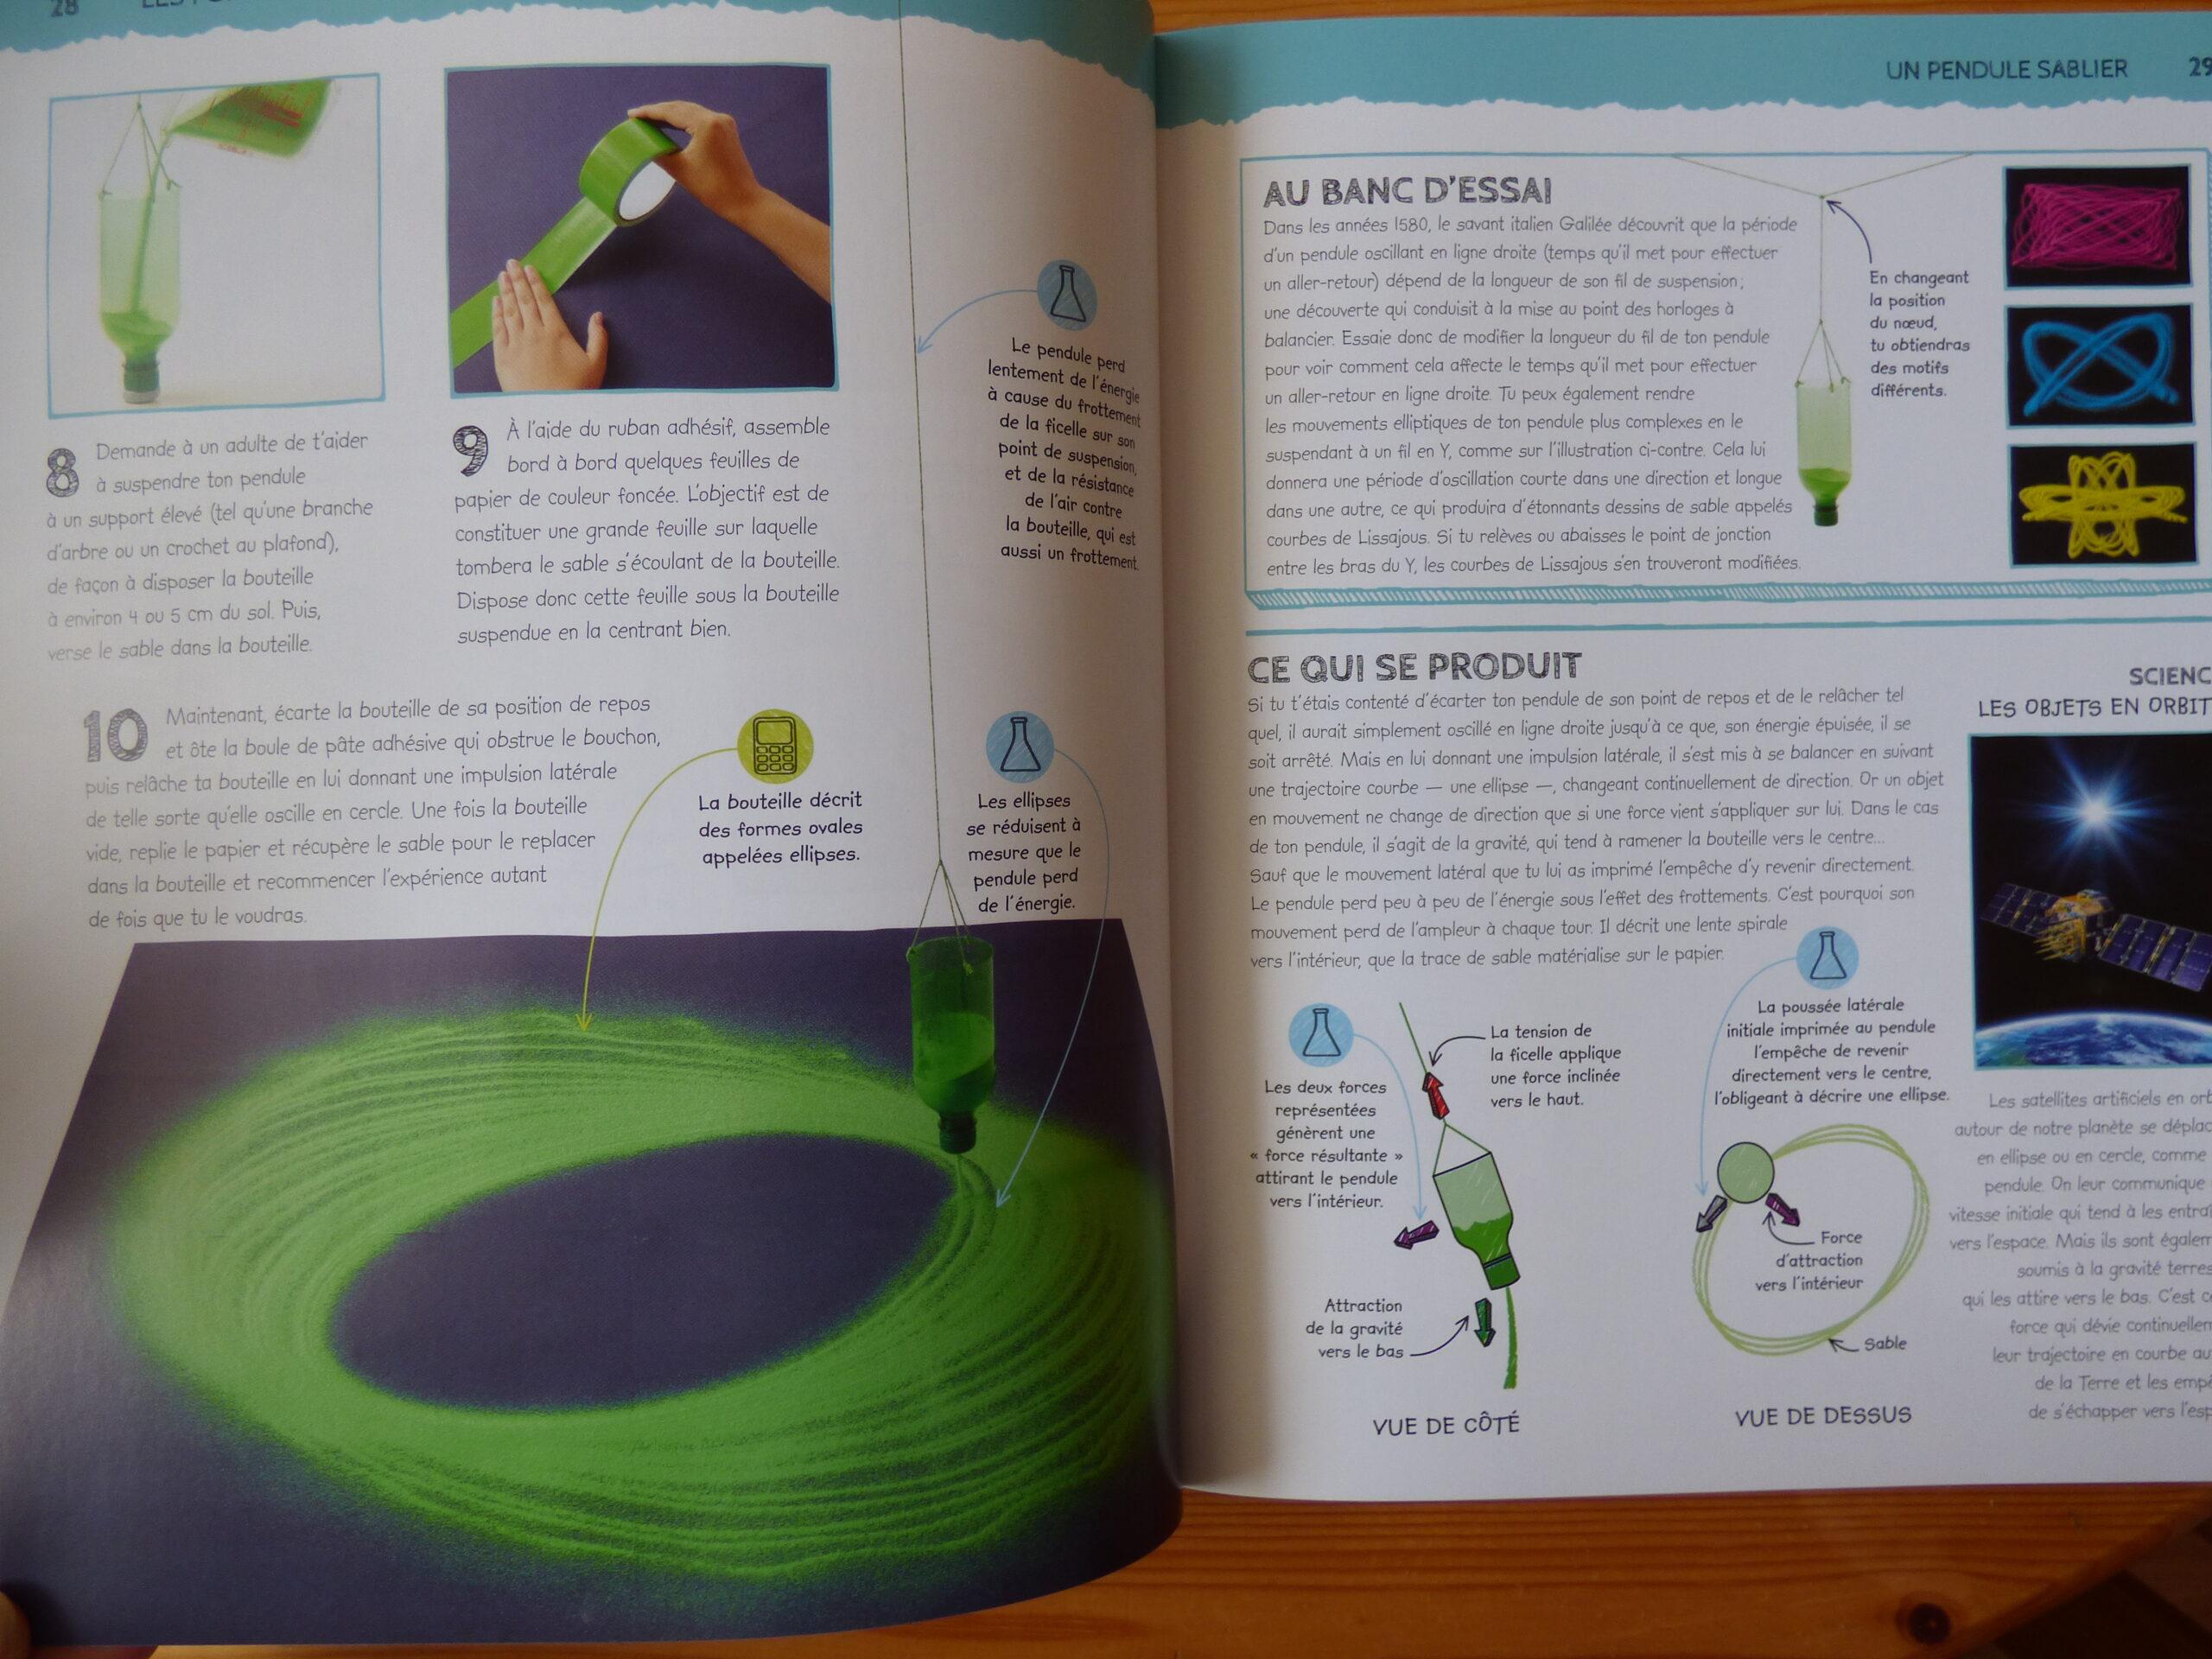 Le grand livre des sciences, extrait